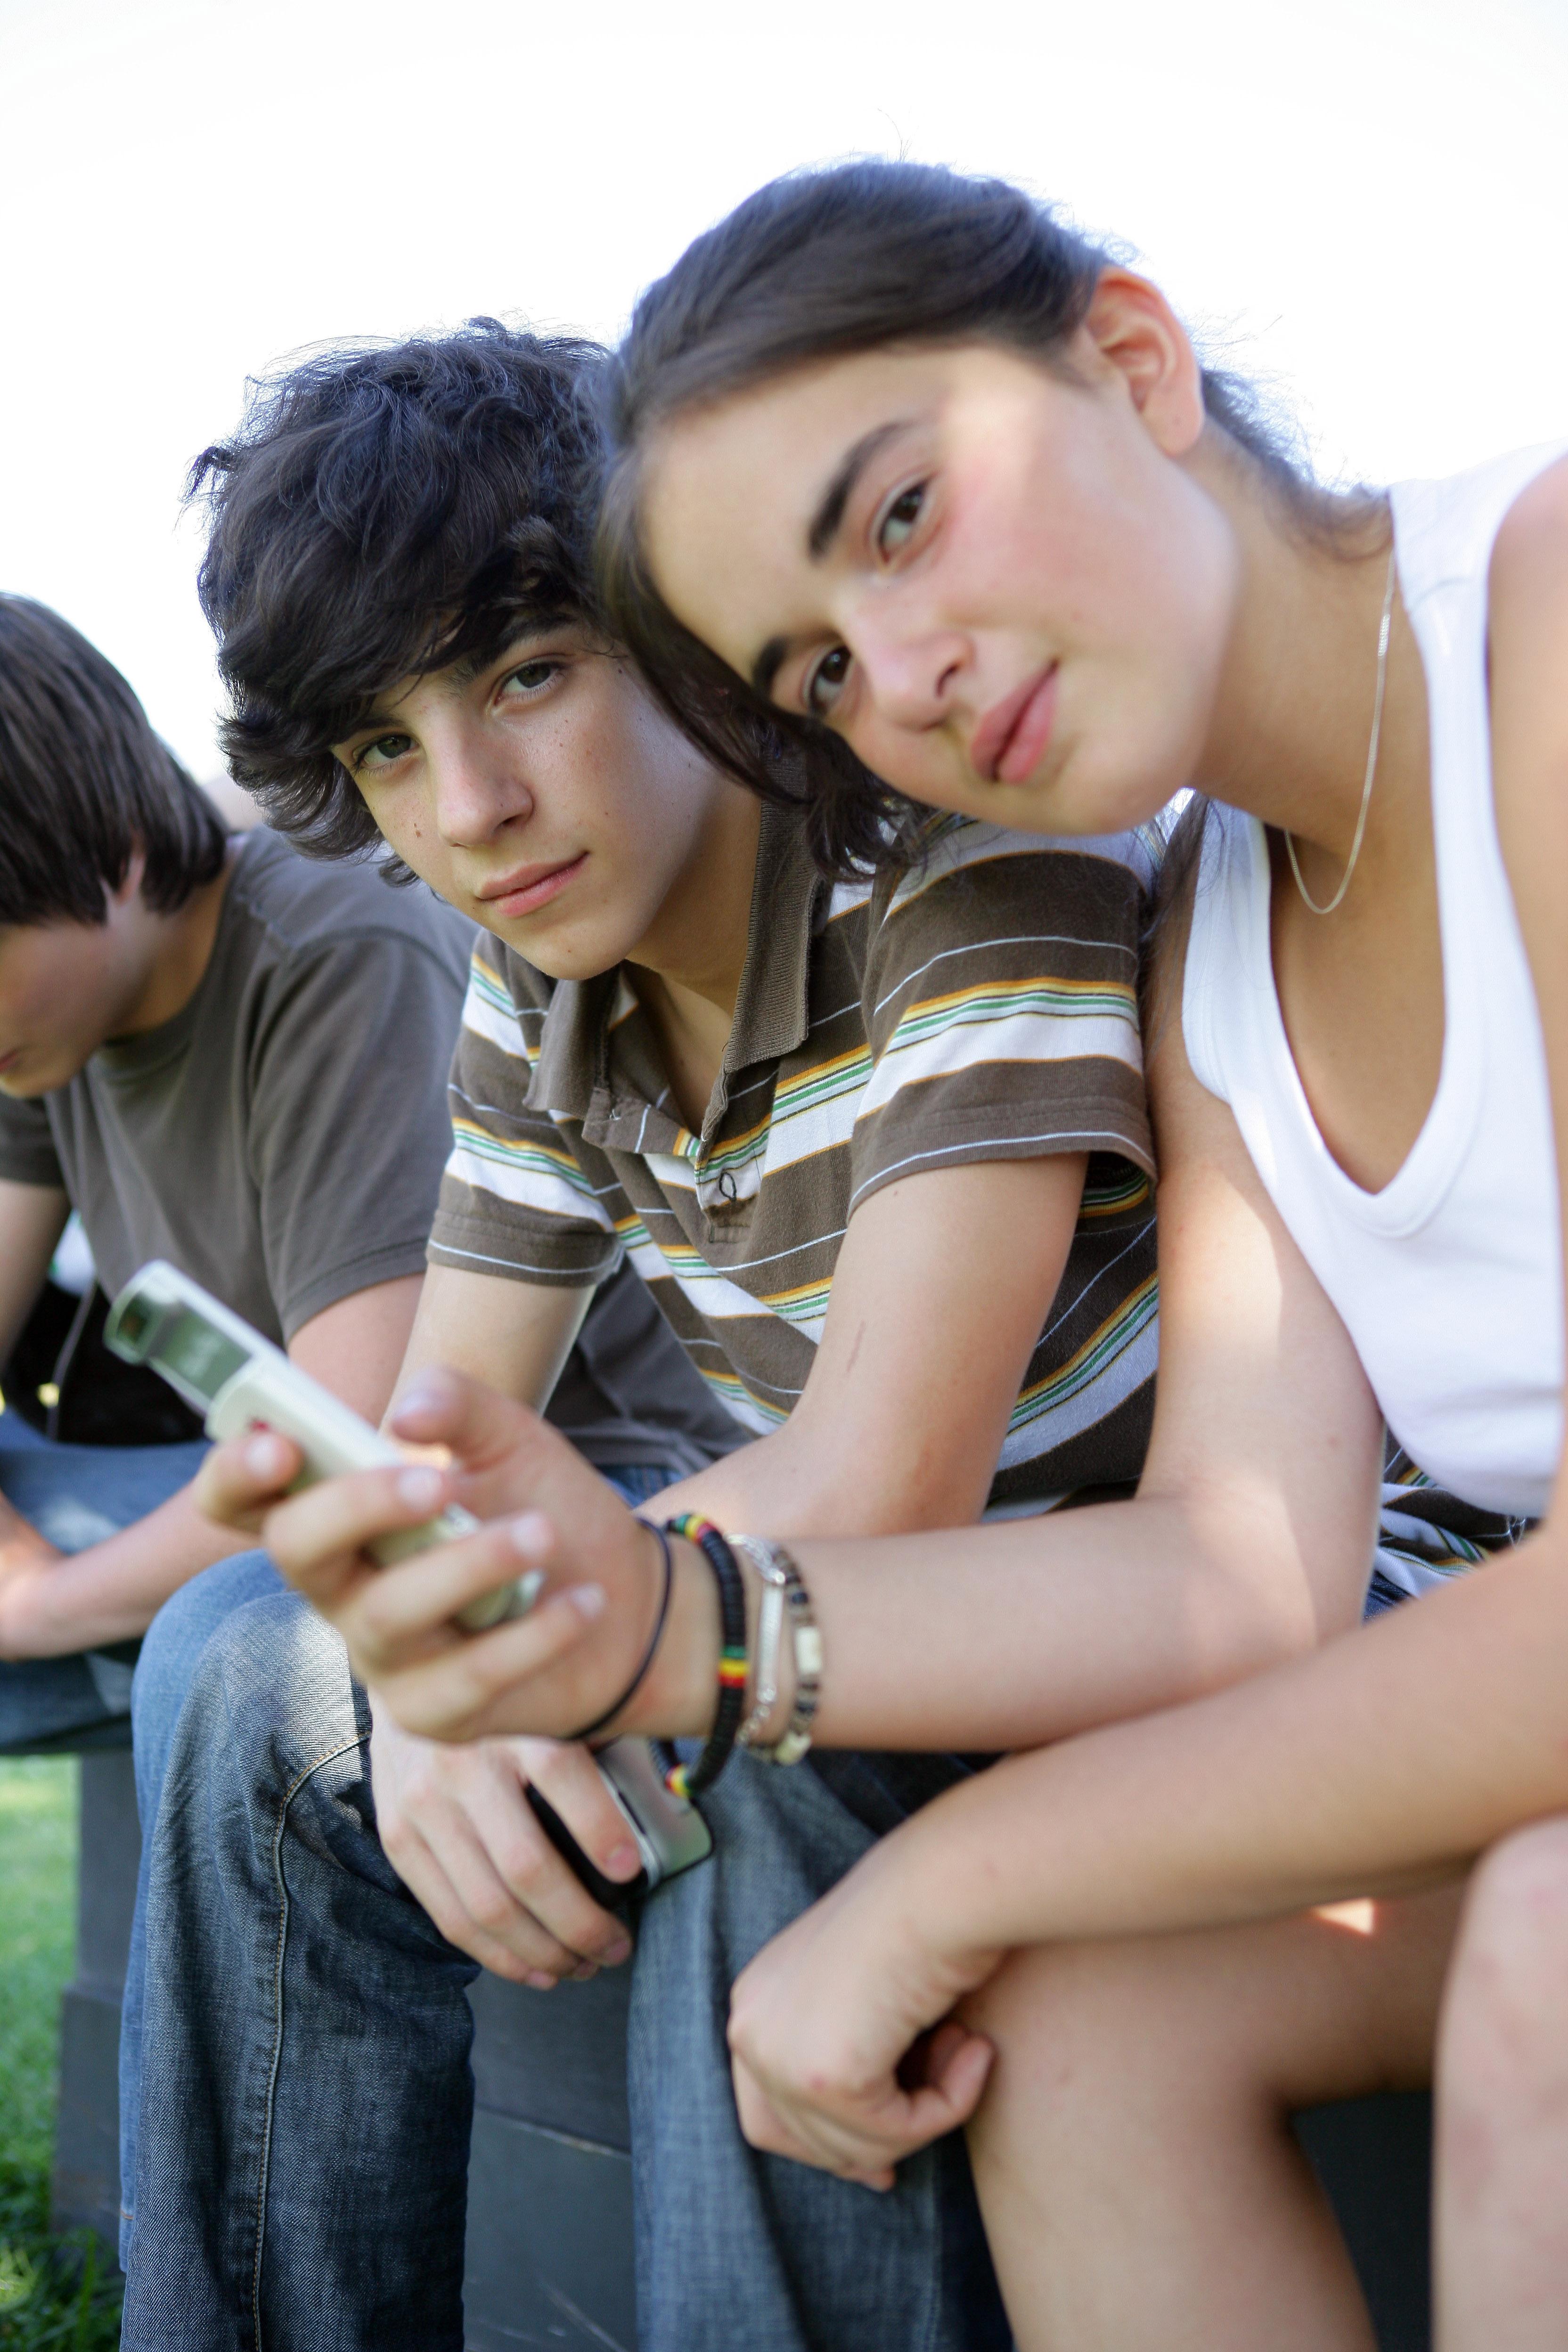 jeune garçon et fille avec téléphone portable